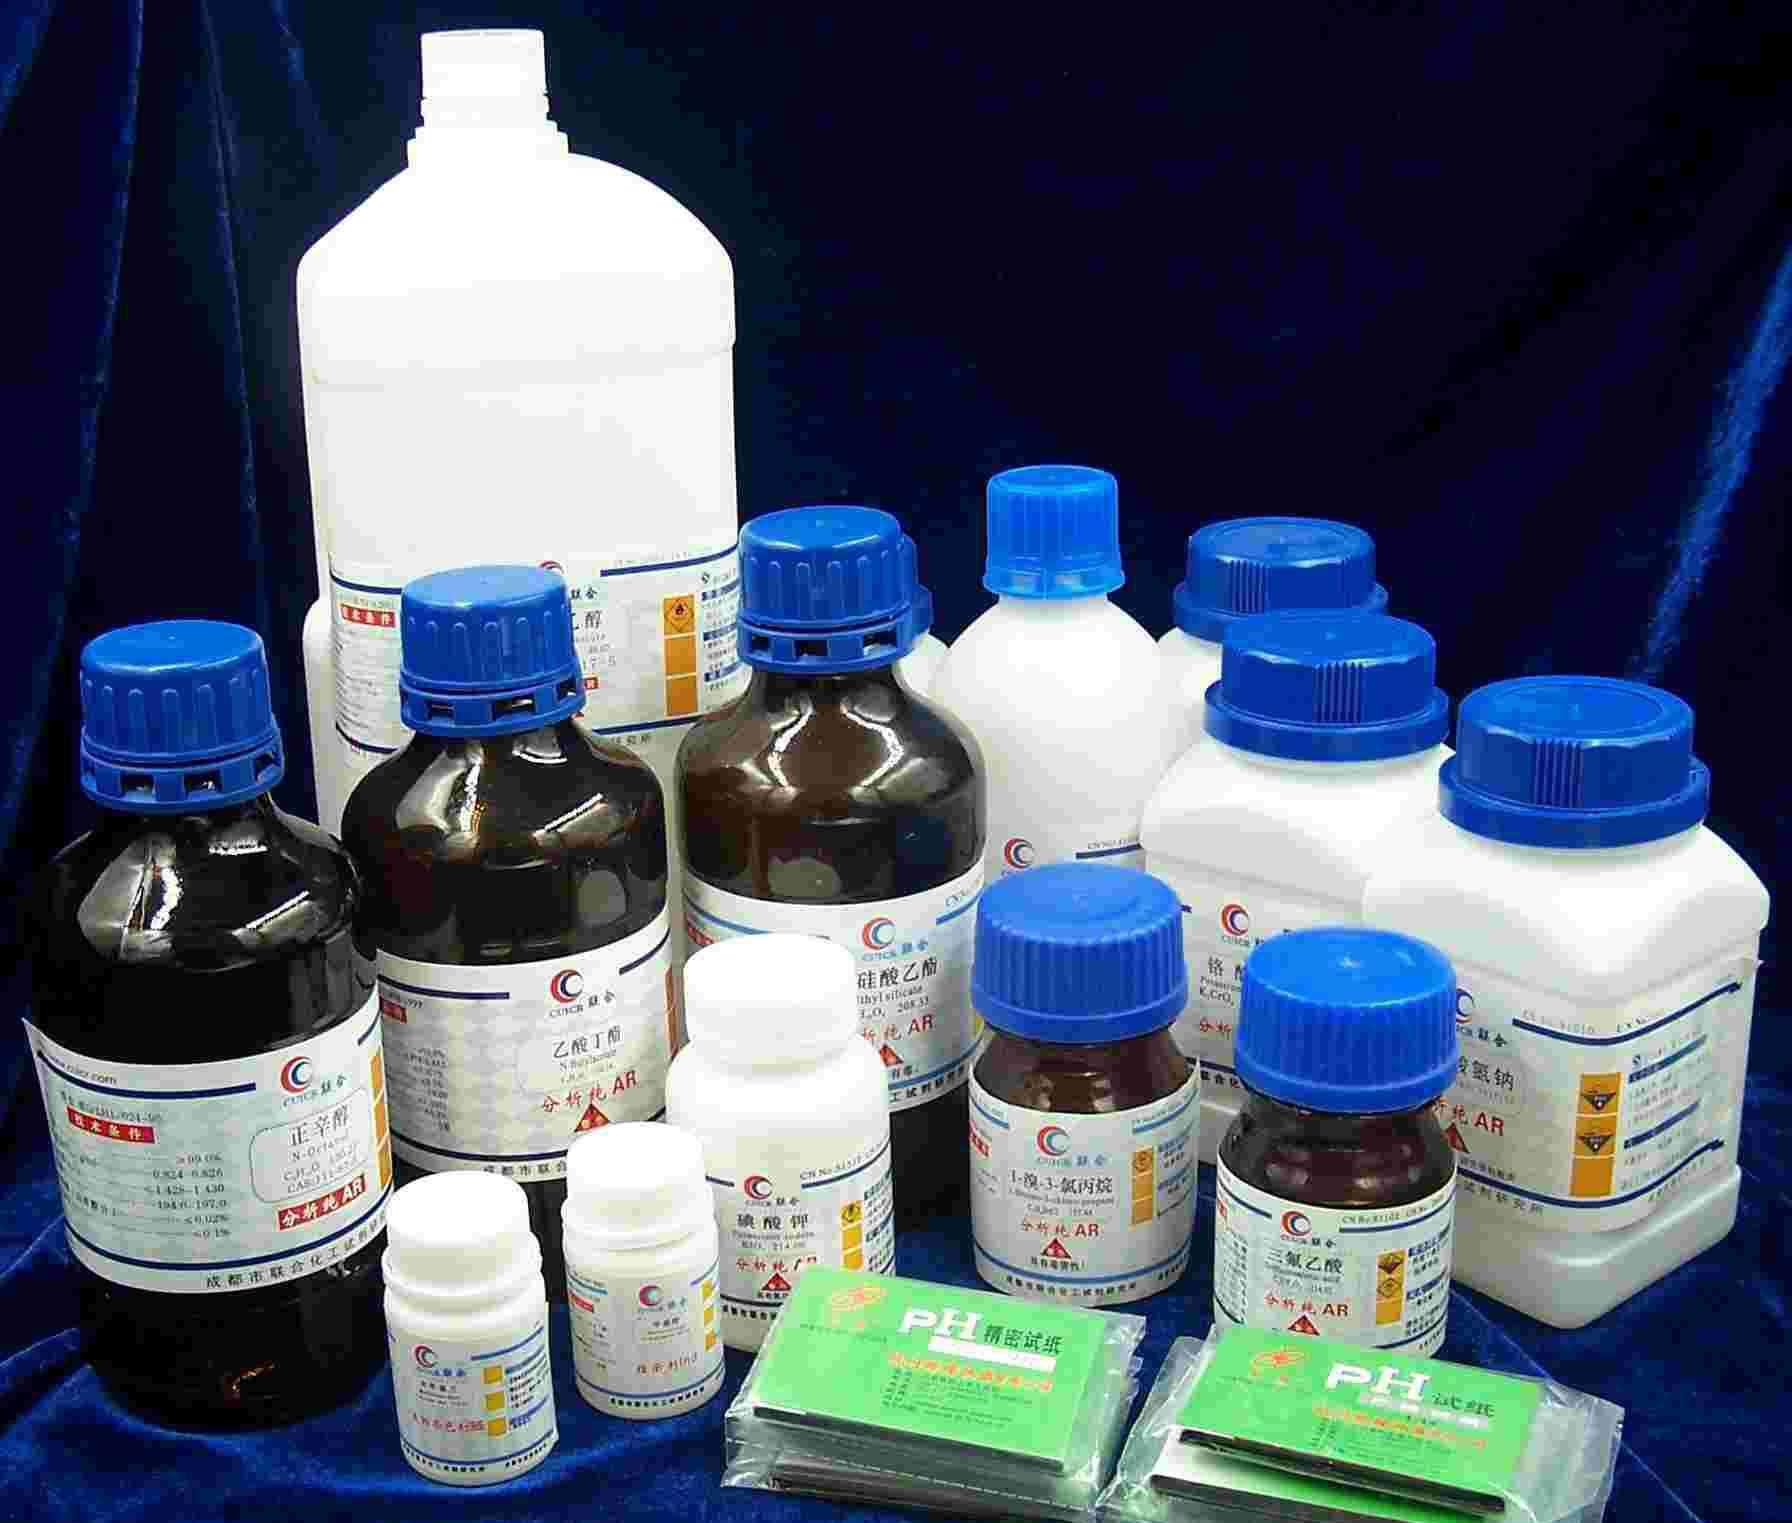 日照易燃化学试剂生产厂家,化学试剂